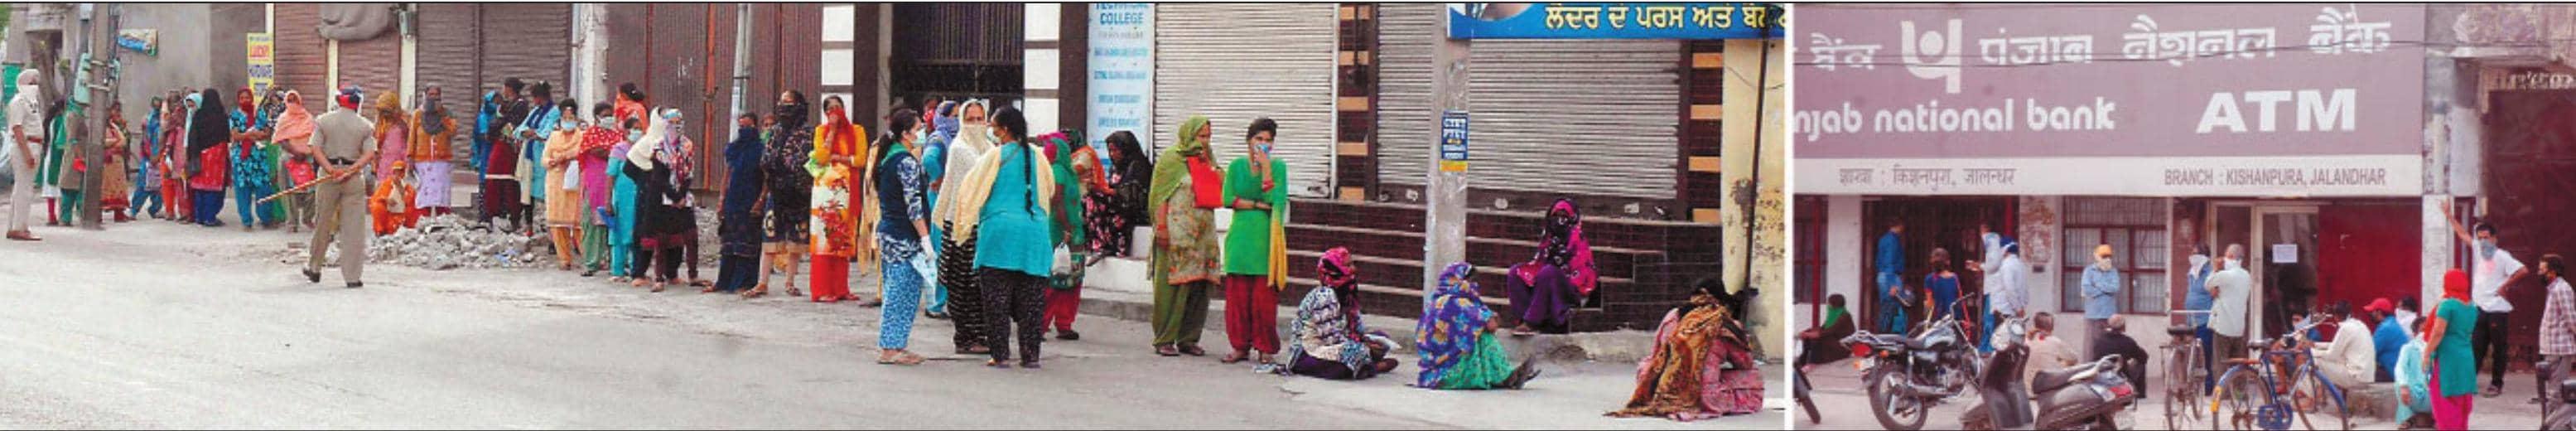 500 रुपए की दूसरी किस्त खातों में डलने से पहले ही बैंकों के बाहर उमड़ी सैंकड़ों महिलाएं